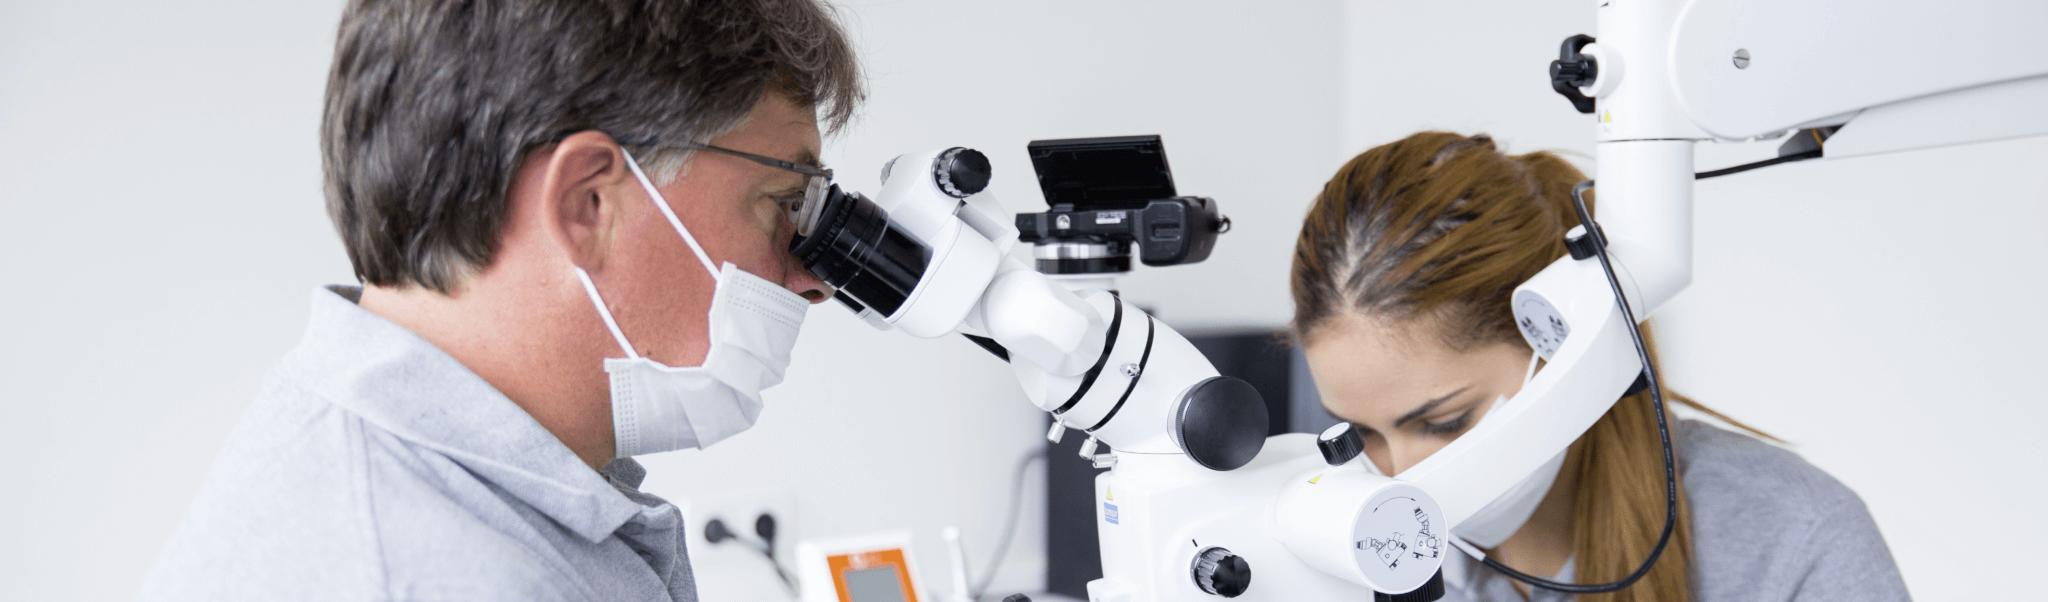 Zahnersatz aus Deutschland - Zahnarzt Dr. Rentschler und Mitarbeiterin beim einsetzten des Zahnersatzes